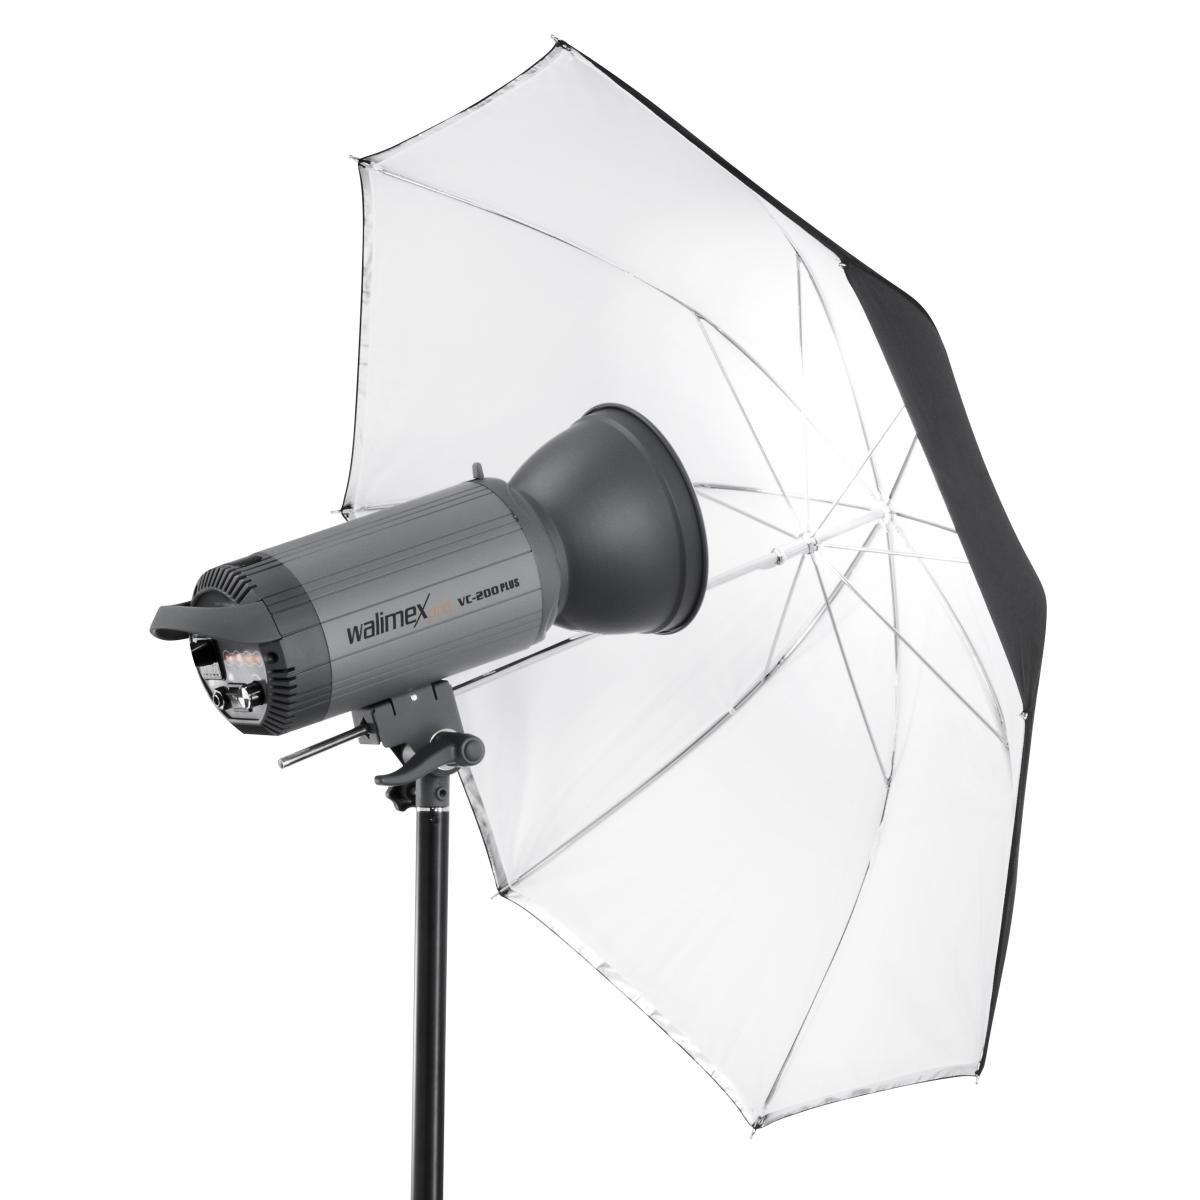 Walimex Pro - Paraguas 2 en 1 de 109 cm (transparente y réflex), blanco y negro: Amazon.es: Electrónica